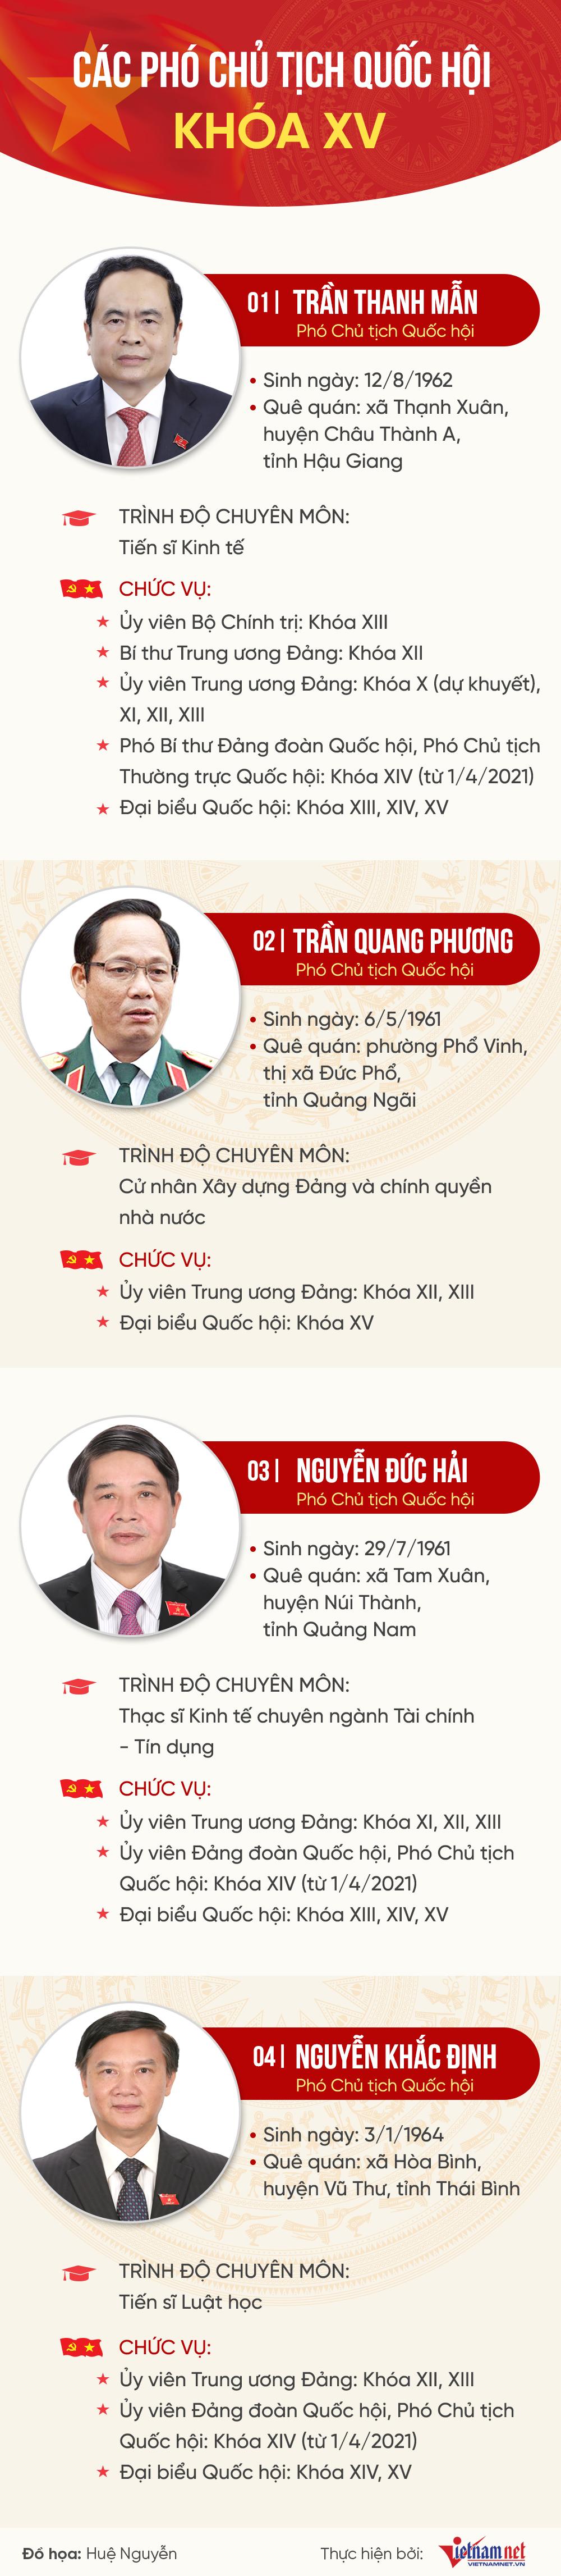 Một ủy viên Bộ Chính trị và ba ủy viên Trung ương làm Phó Chủ tịch Quốc hội